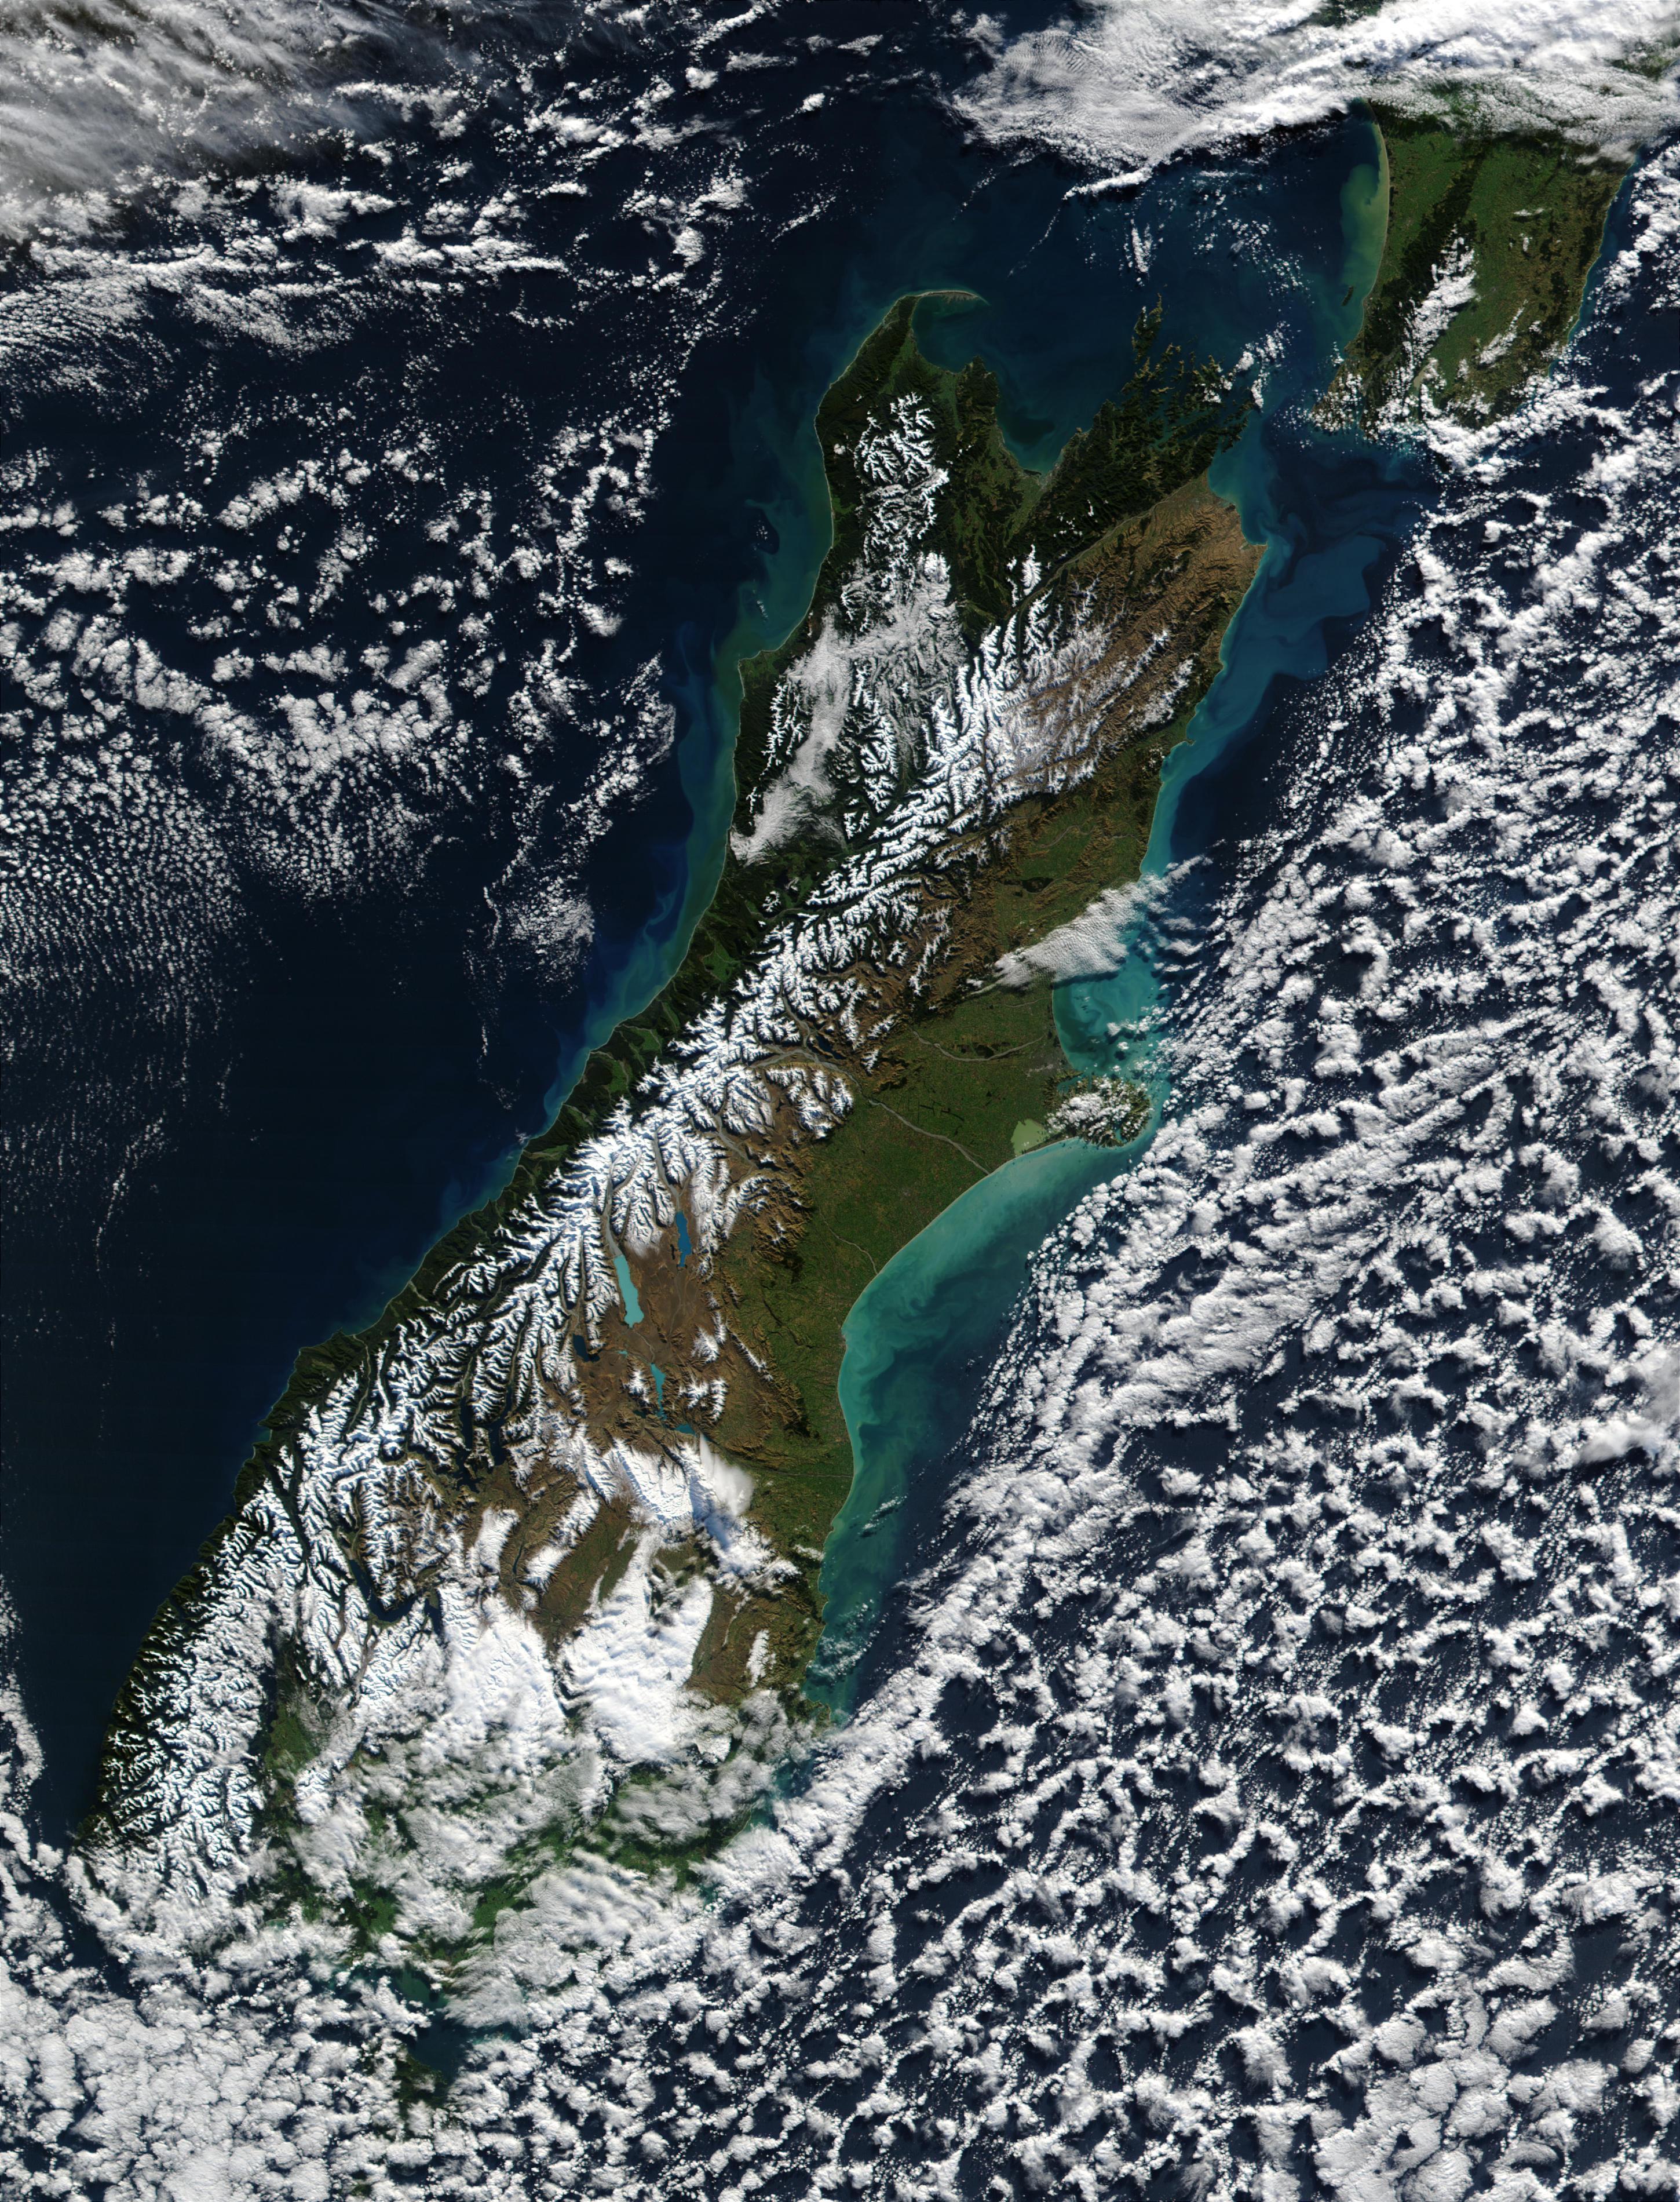 Proliferación de fitoplancton y sedimentos a lo largo de las costas de Nueva Zelanda